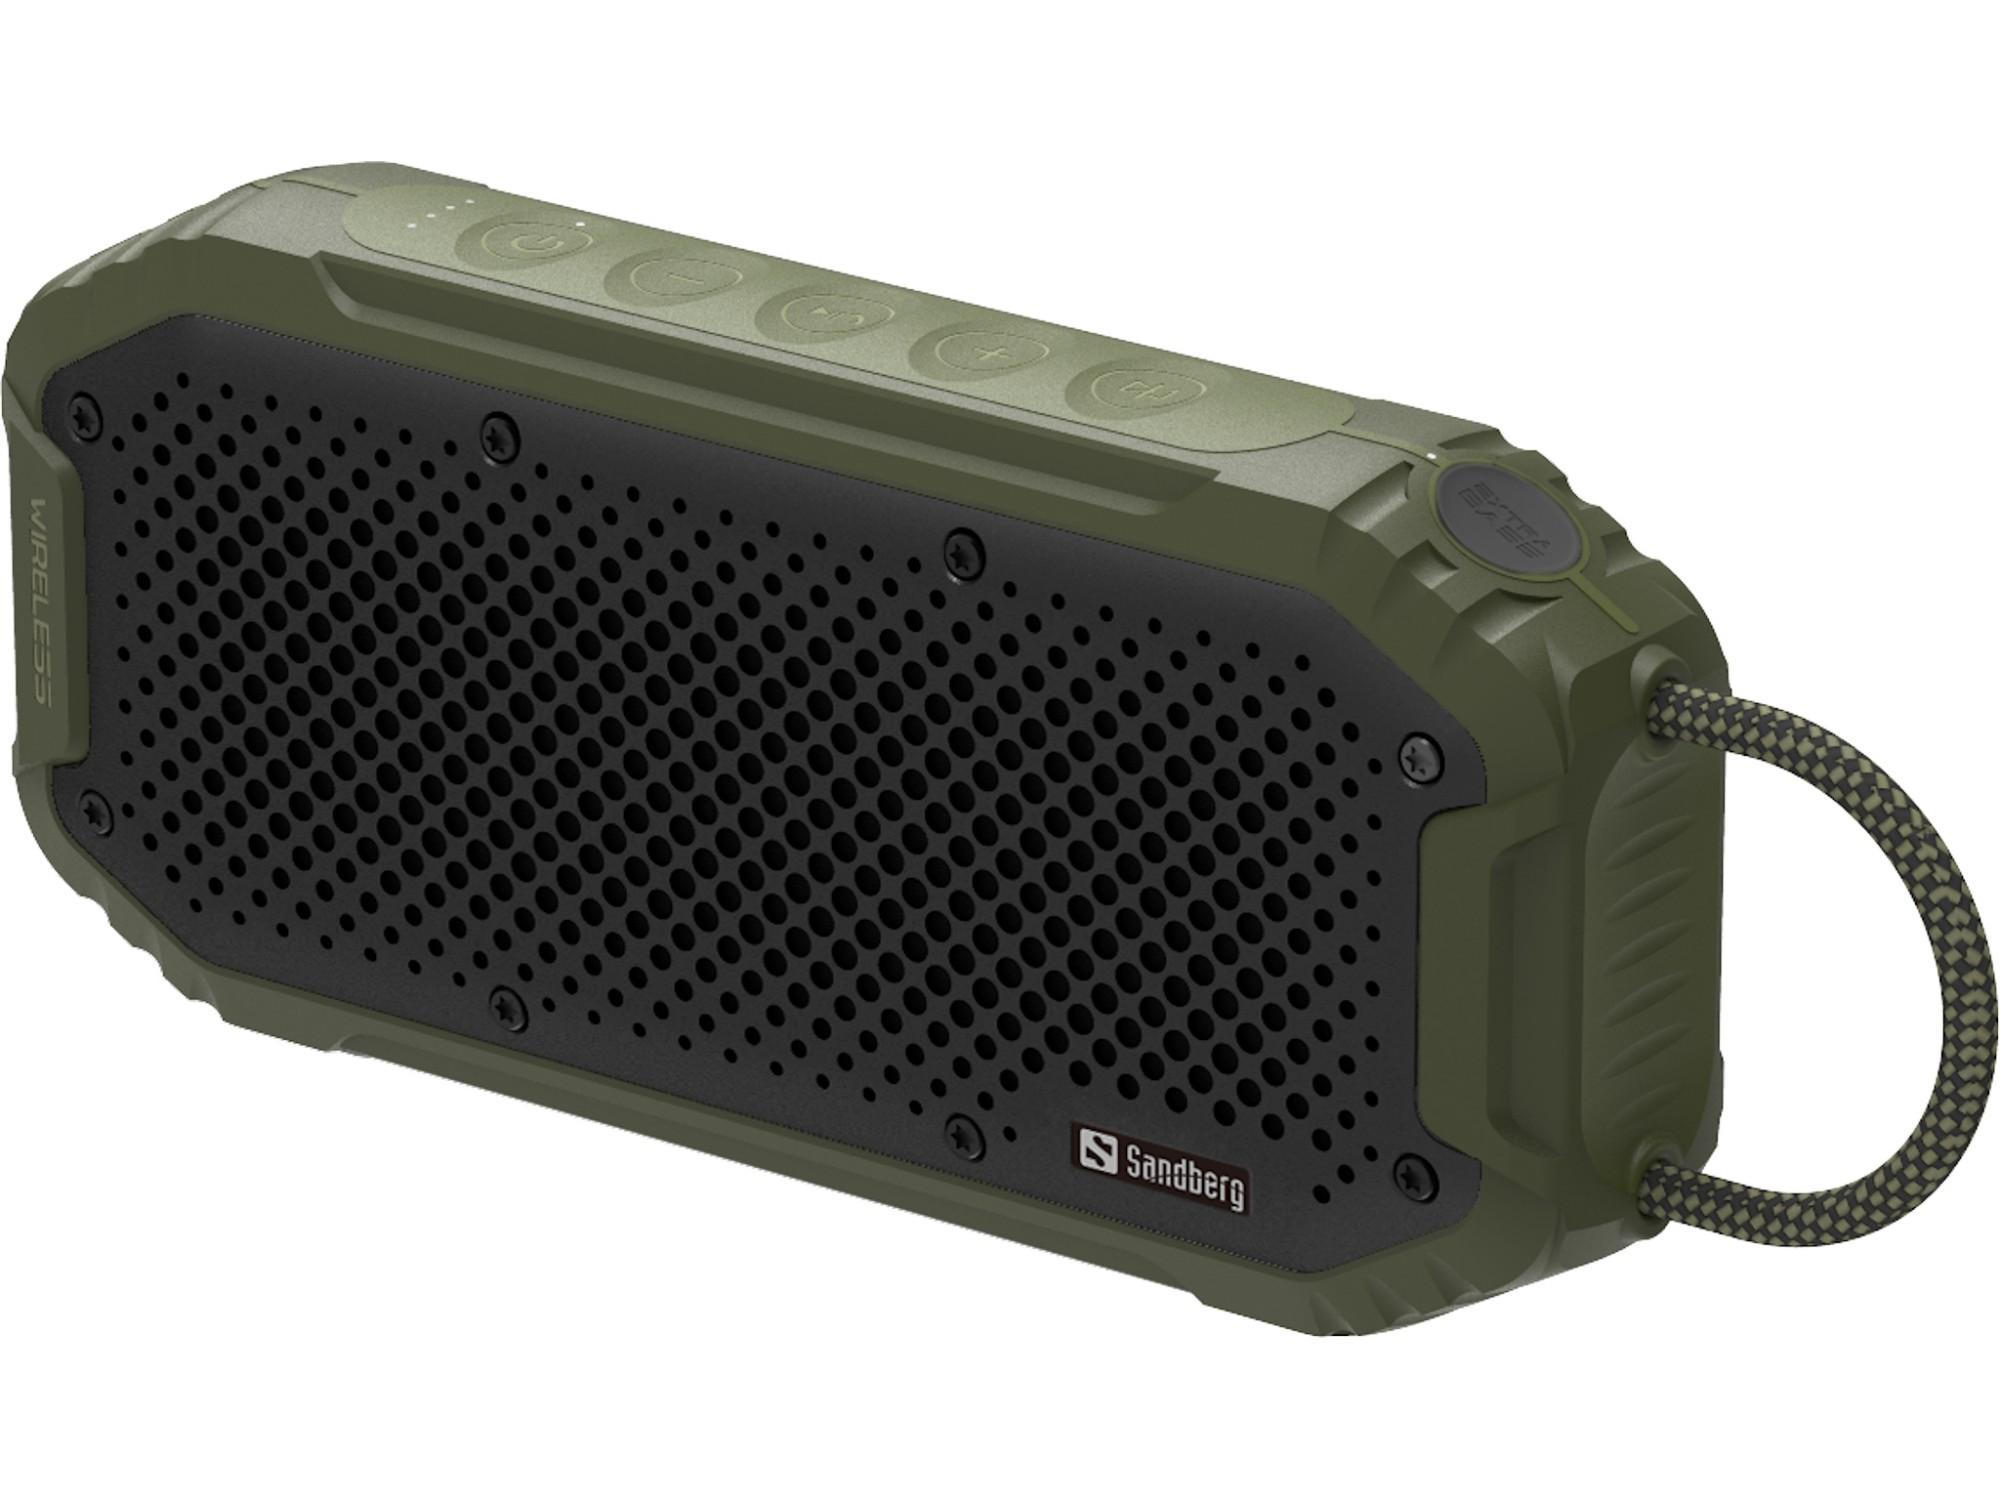 Sandberg Waterproof Bluetooth Speaker 20W Black, Green